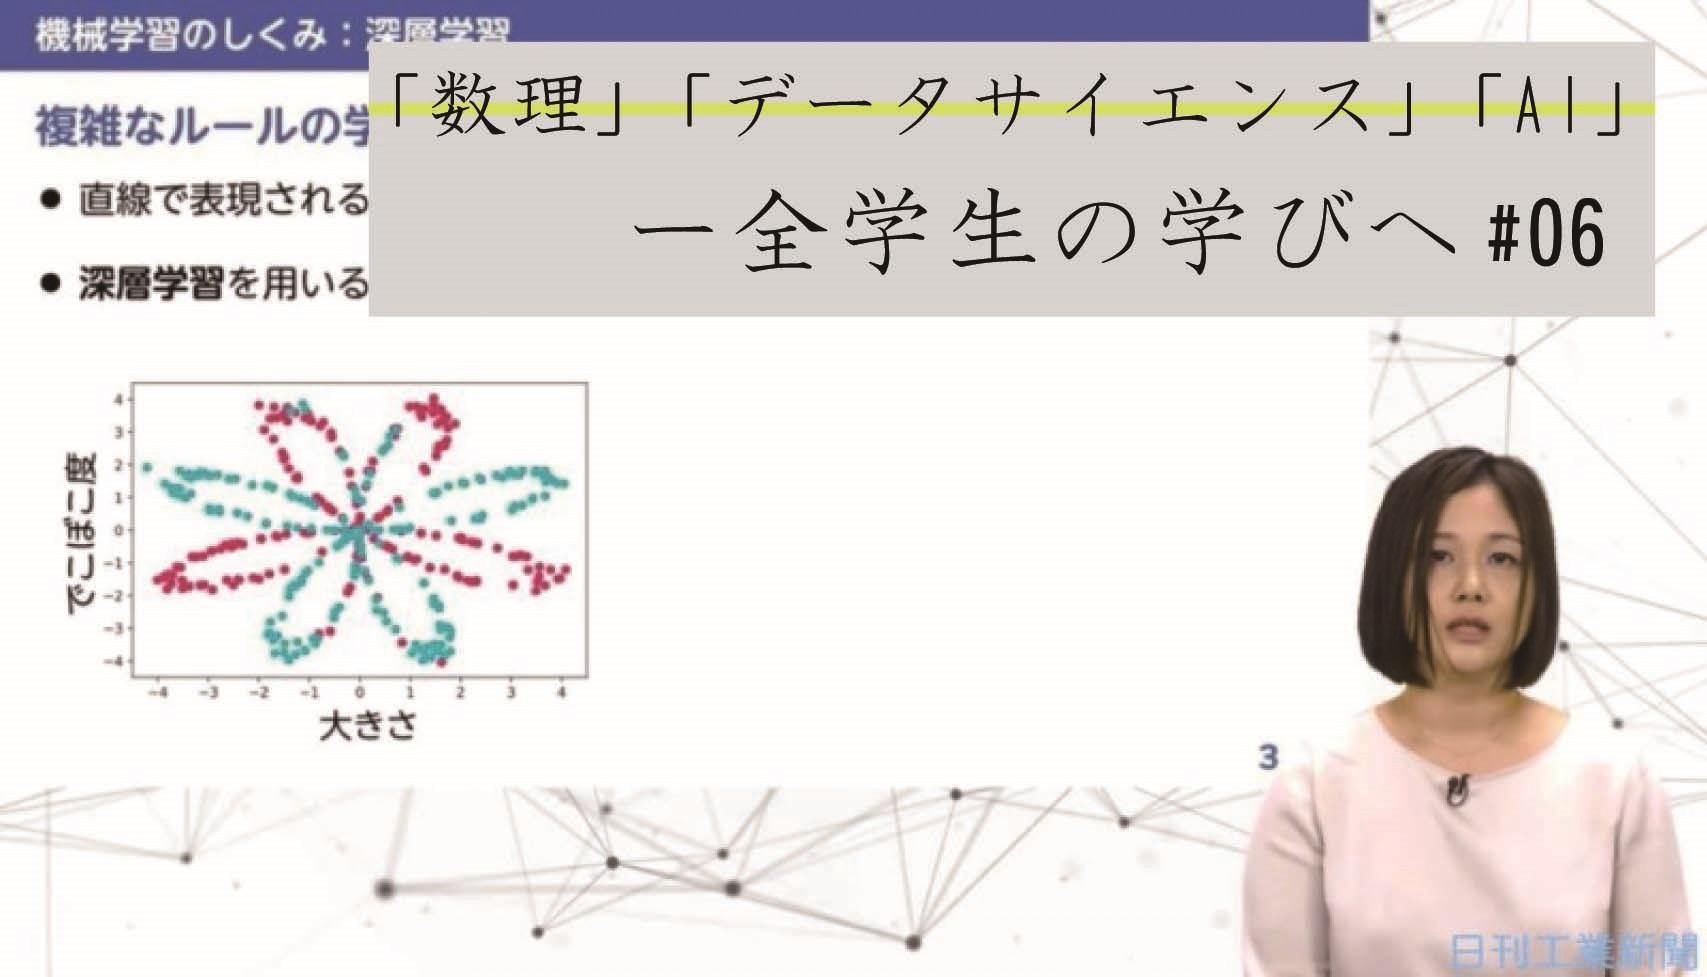 総合大学で初。「データサイエンス」を全学必修化した筑波大の事情